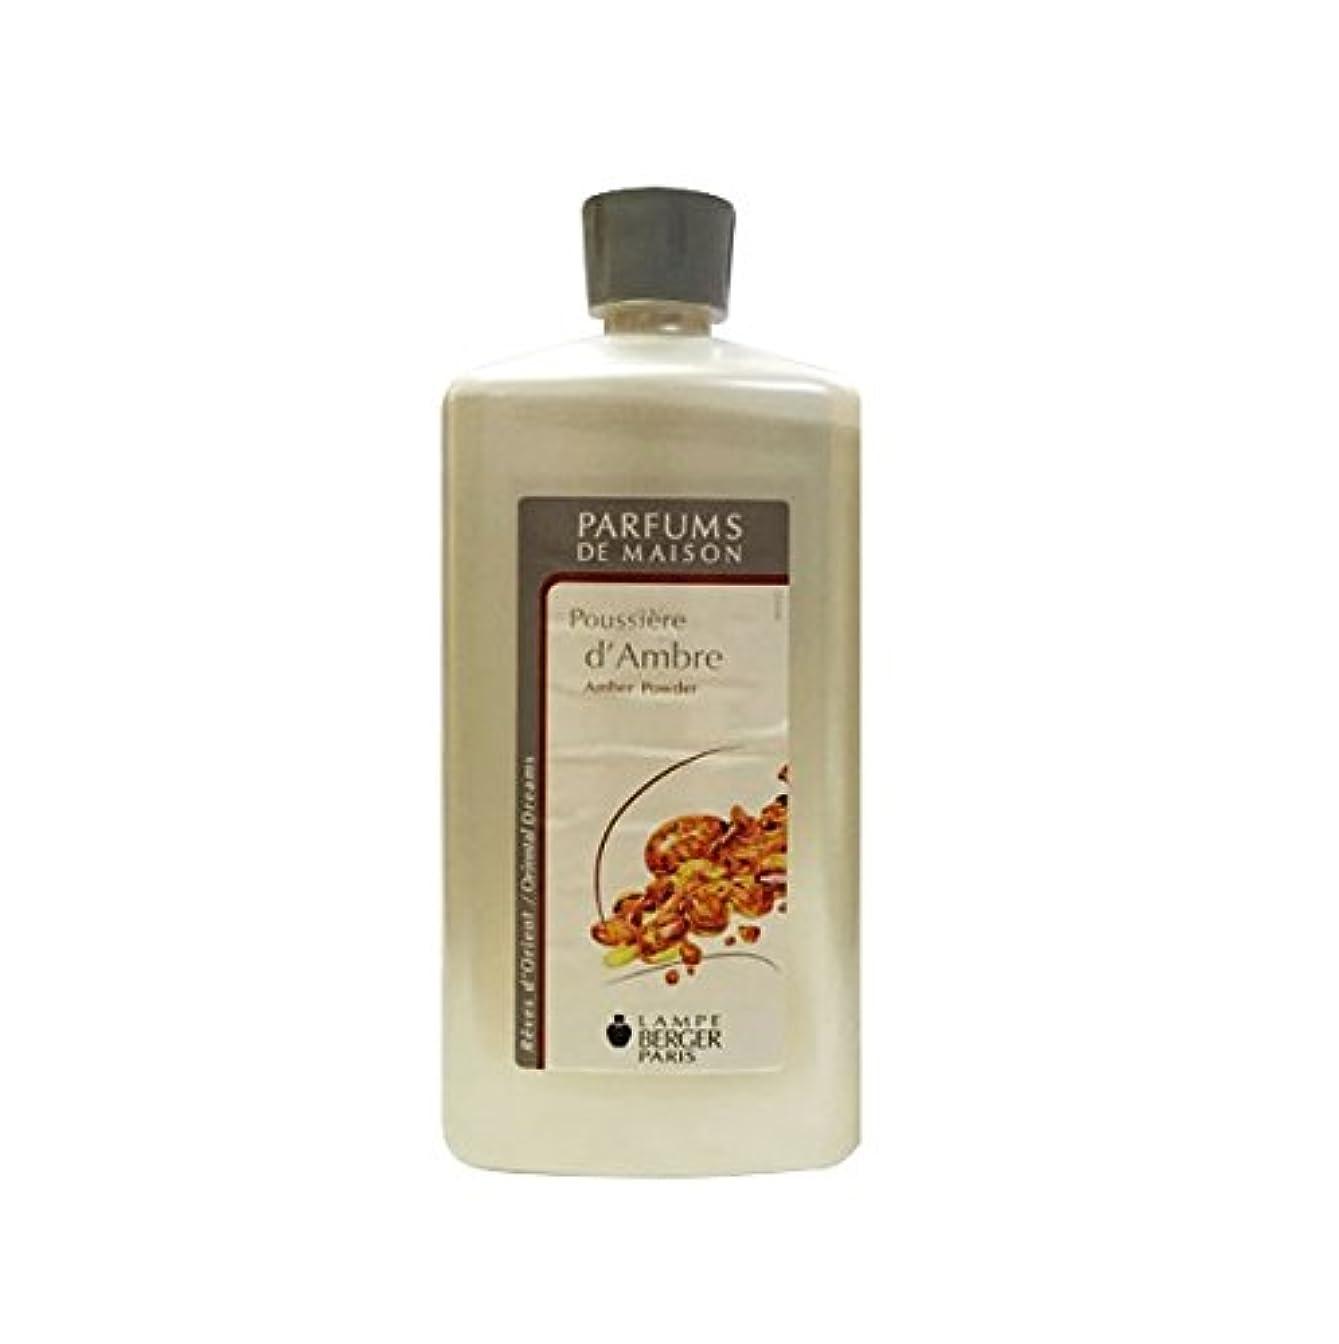 グレートオーク革命体系的にランプベルジェオイル(琥珀)Poussière d'Ambre / Amber Powder